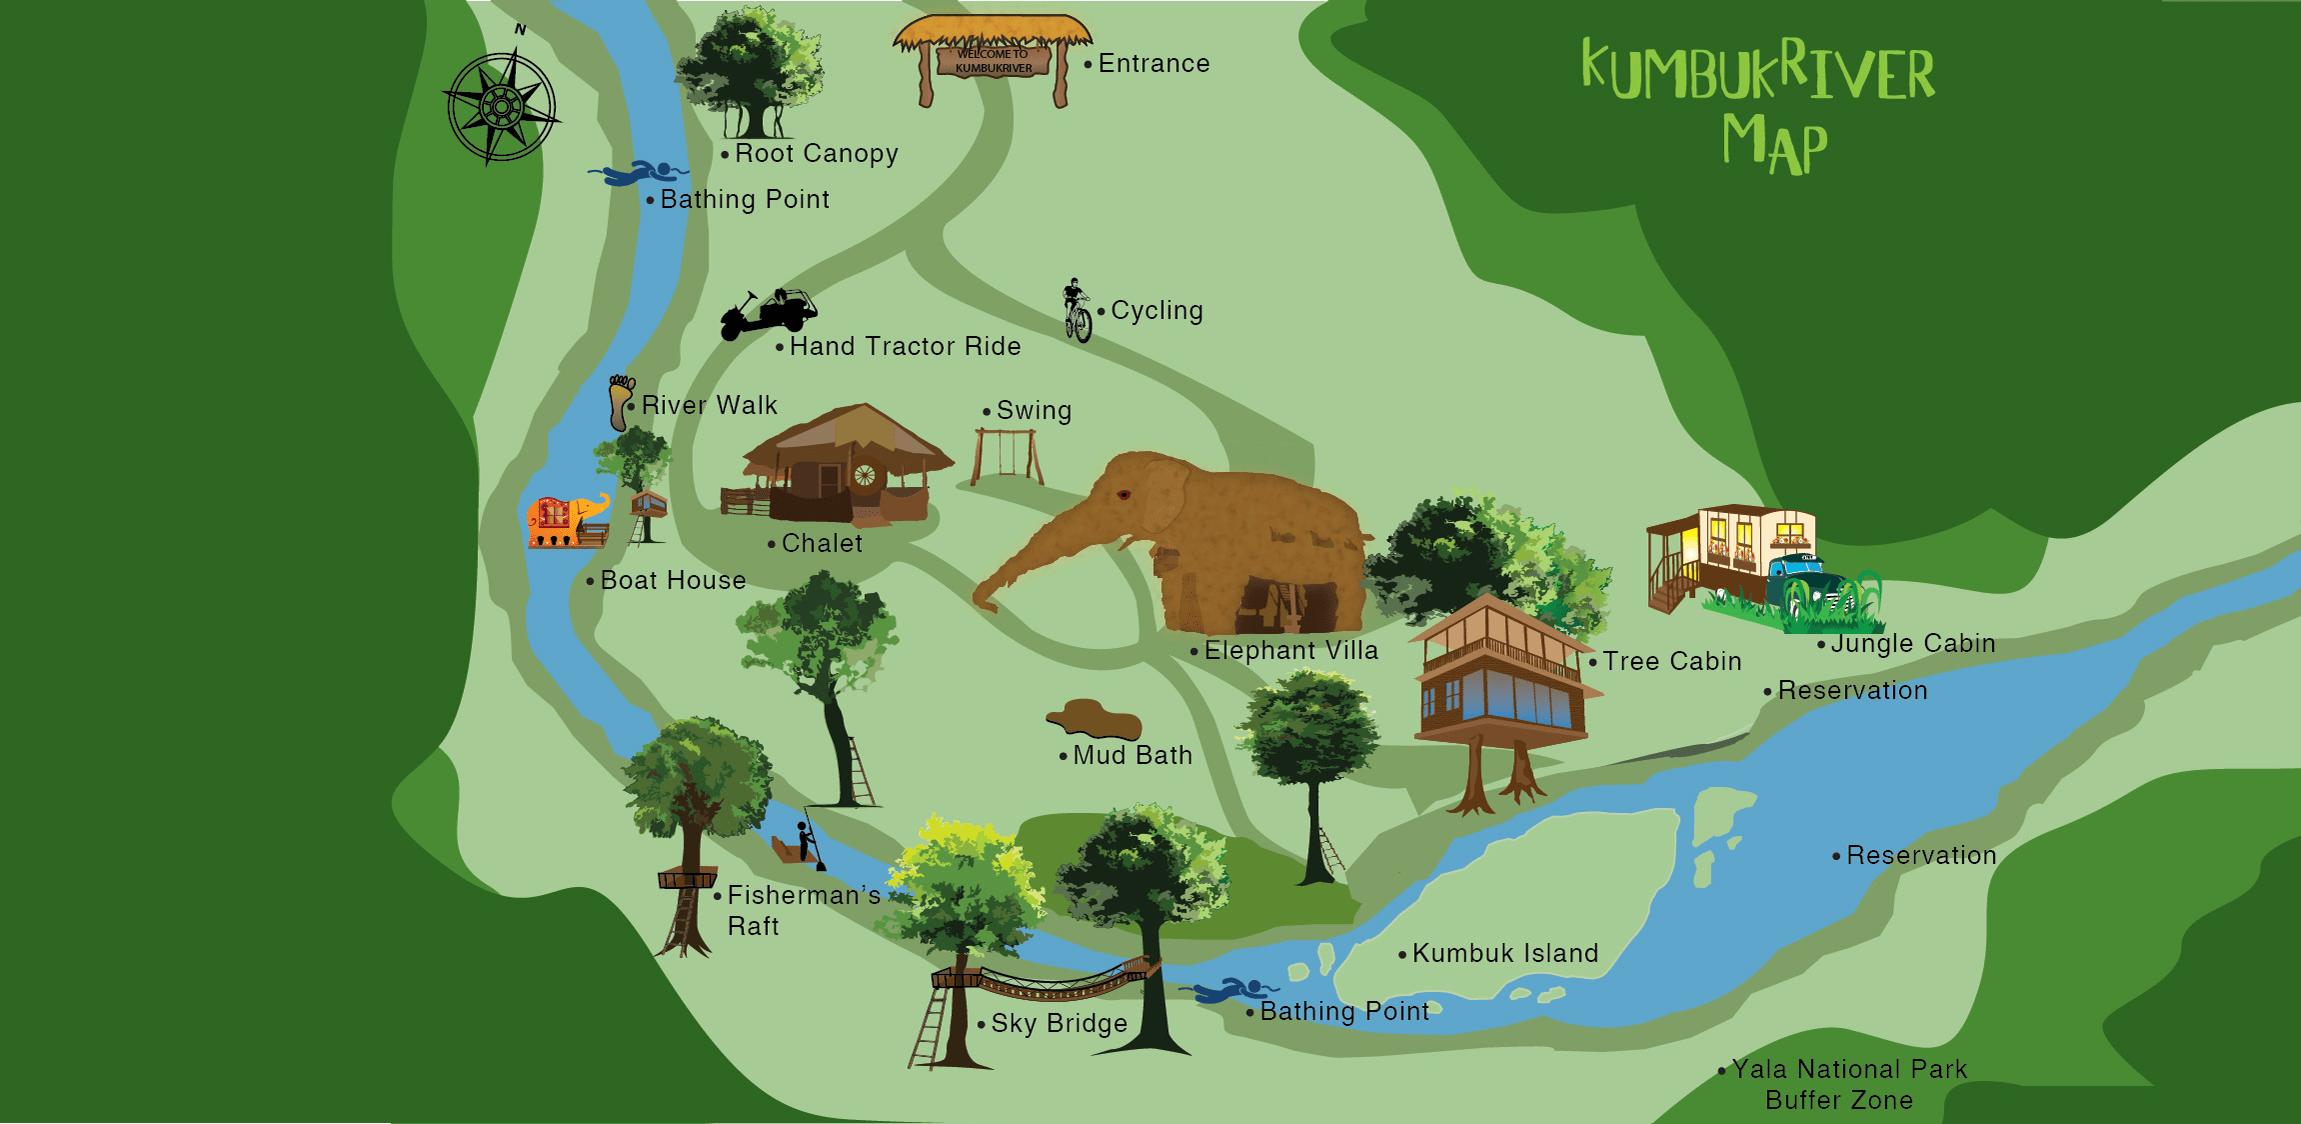 KumbukRiver Map